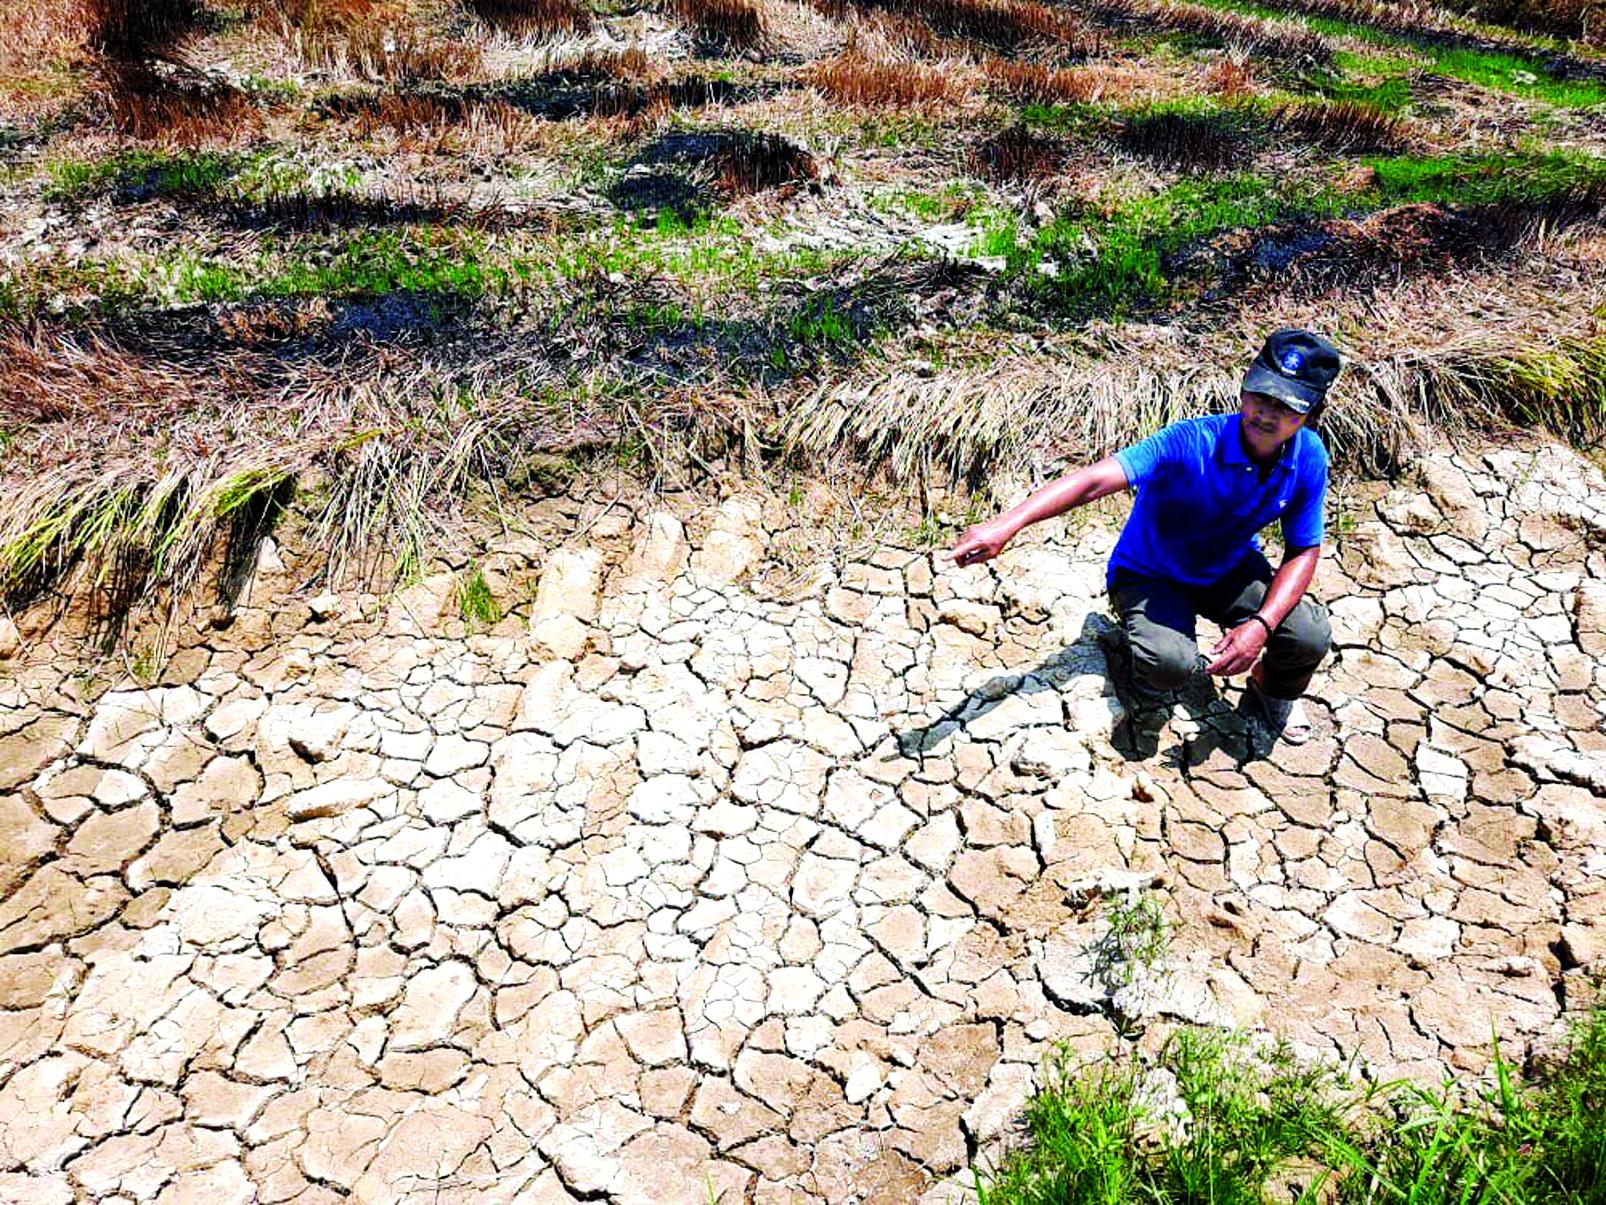 Ông Hồ Long - một nông dân xã Phong Sơn (huyện Phong Điền, tỉnh Thừa Thiên - Huế) - ngồi giữa thửa đất ruộng nứt nẻ do nắng hạn kéo dài